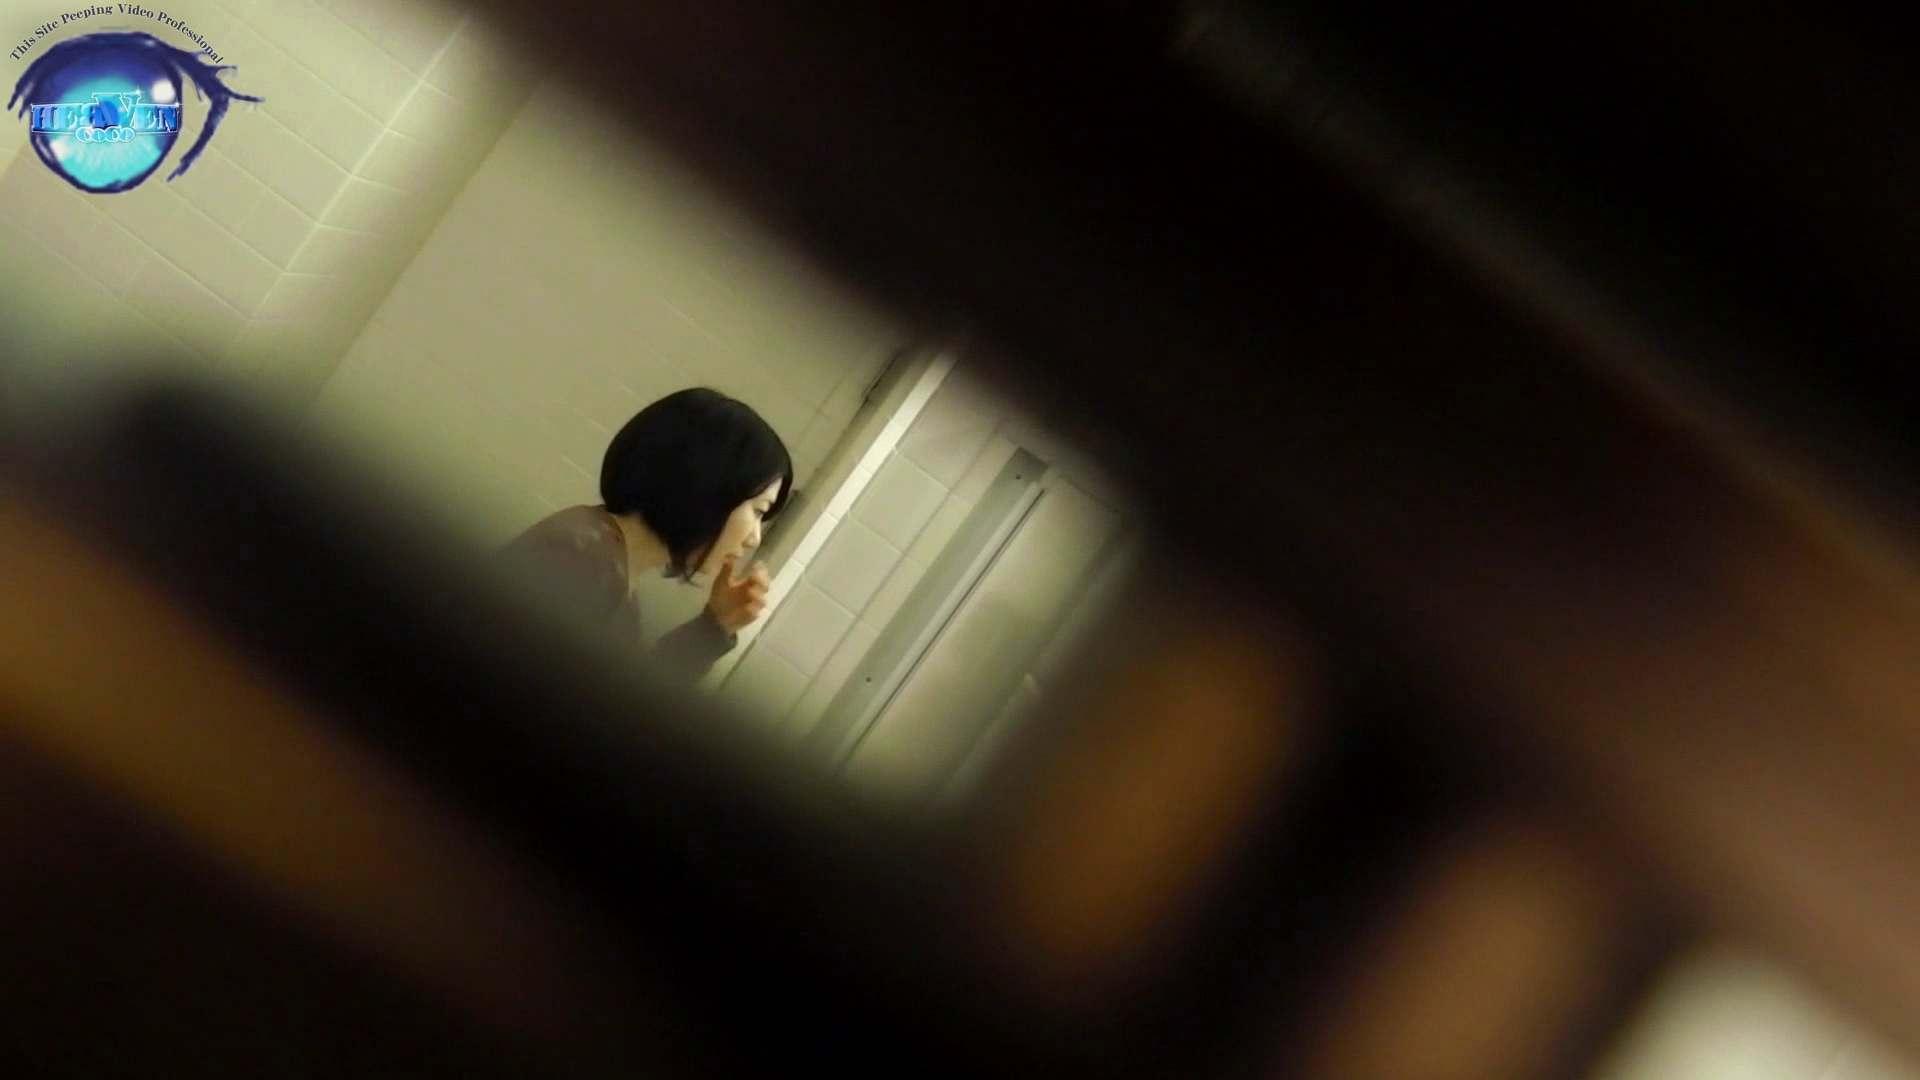 お銀さん vol.59 ピンチ!!「鏡の前で祈る女性」にばれる危機 前編 OLセックス   0  86画像 37